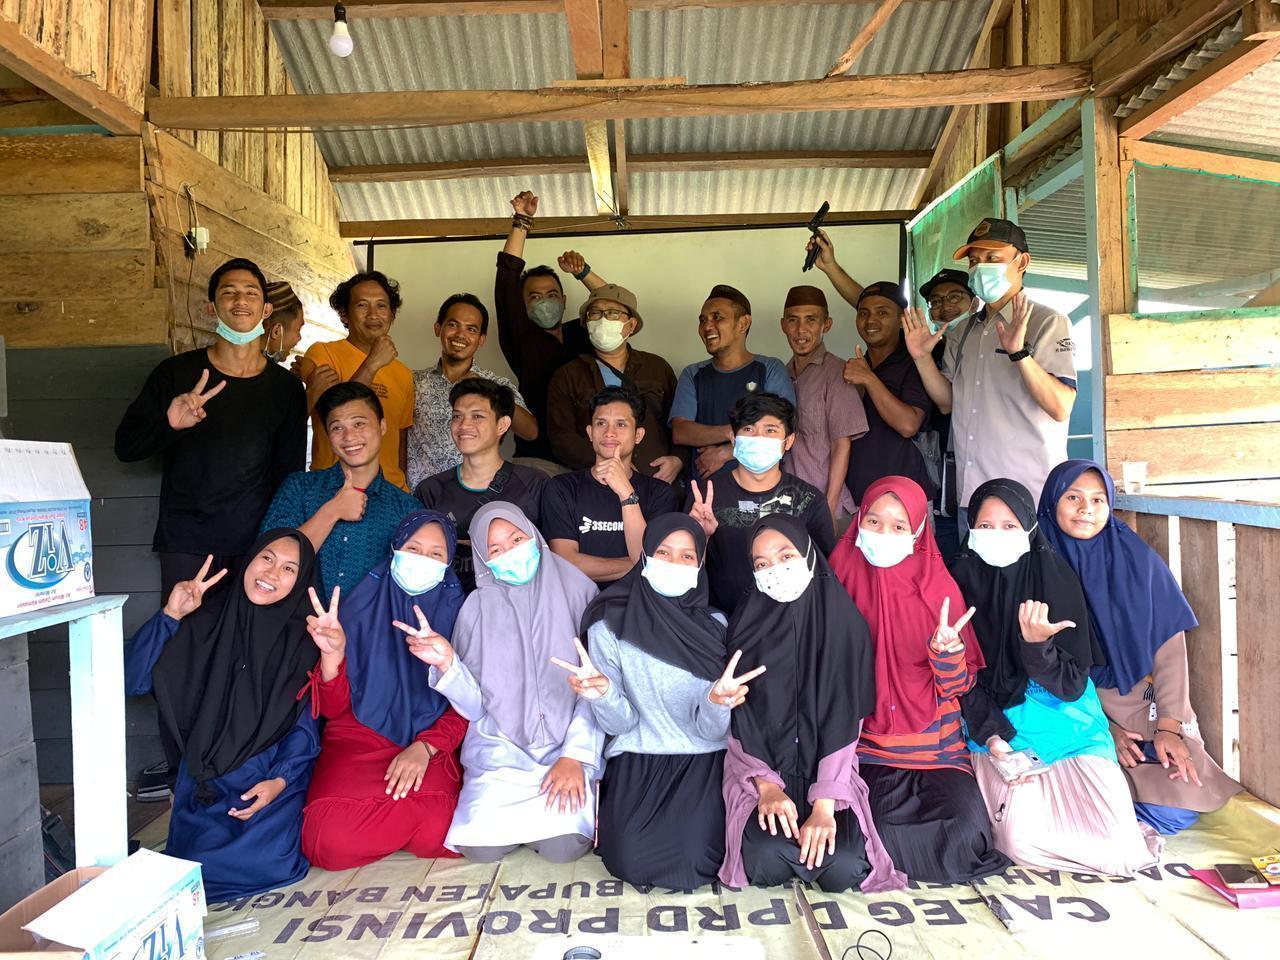 Tohari Inisiasi Pemuda Desa Kemuja Ikuti Workshop Jurnalistik, Usai Belajar Langsung Bentuk Tabloid Bumang